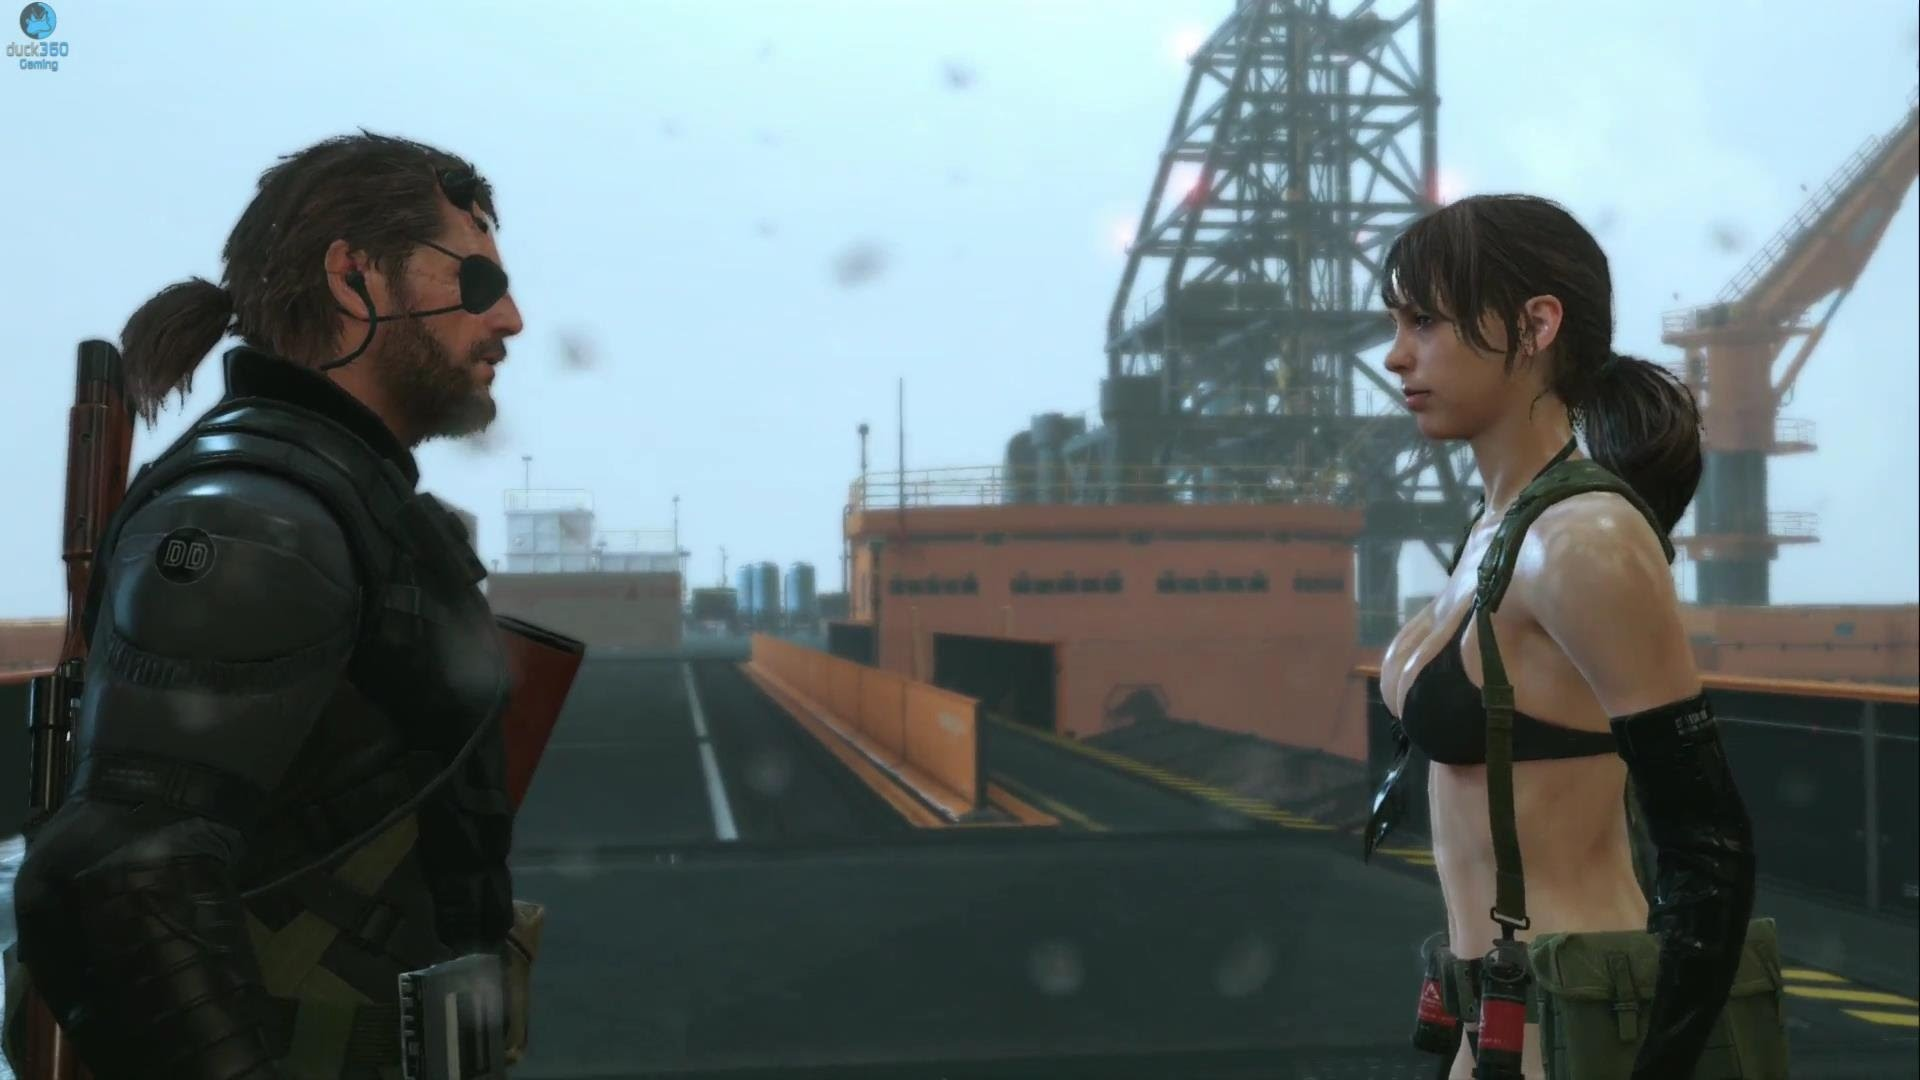 Video Game – Metal Gear Solid V: The Phantom Pain Quiet (MGS) Wallpaper    metal gear   Pinterest   Spel, Tv-spel och Metal gear